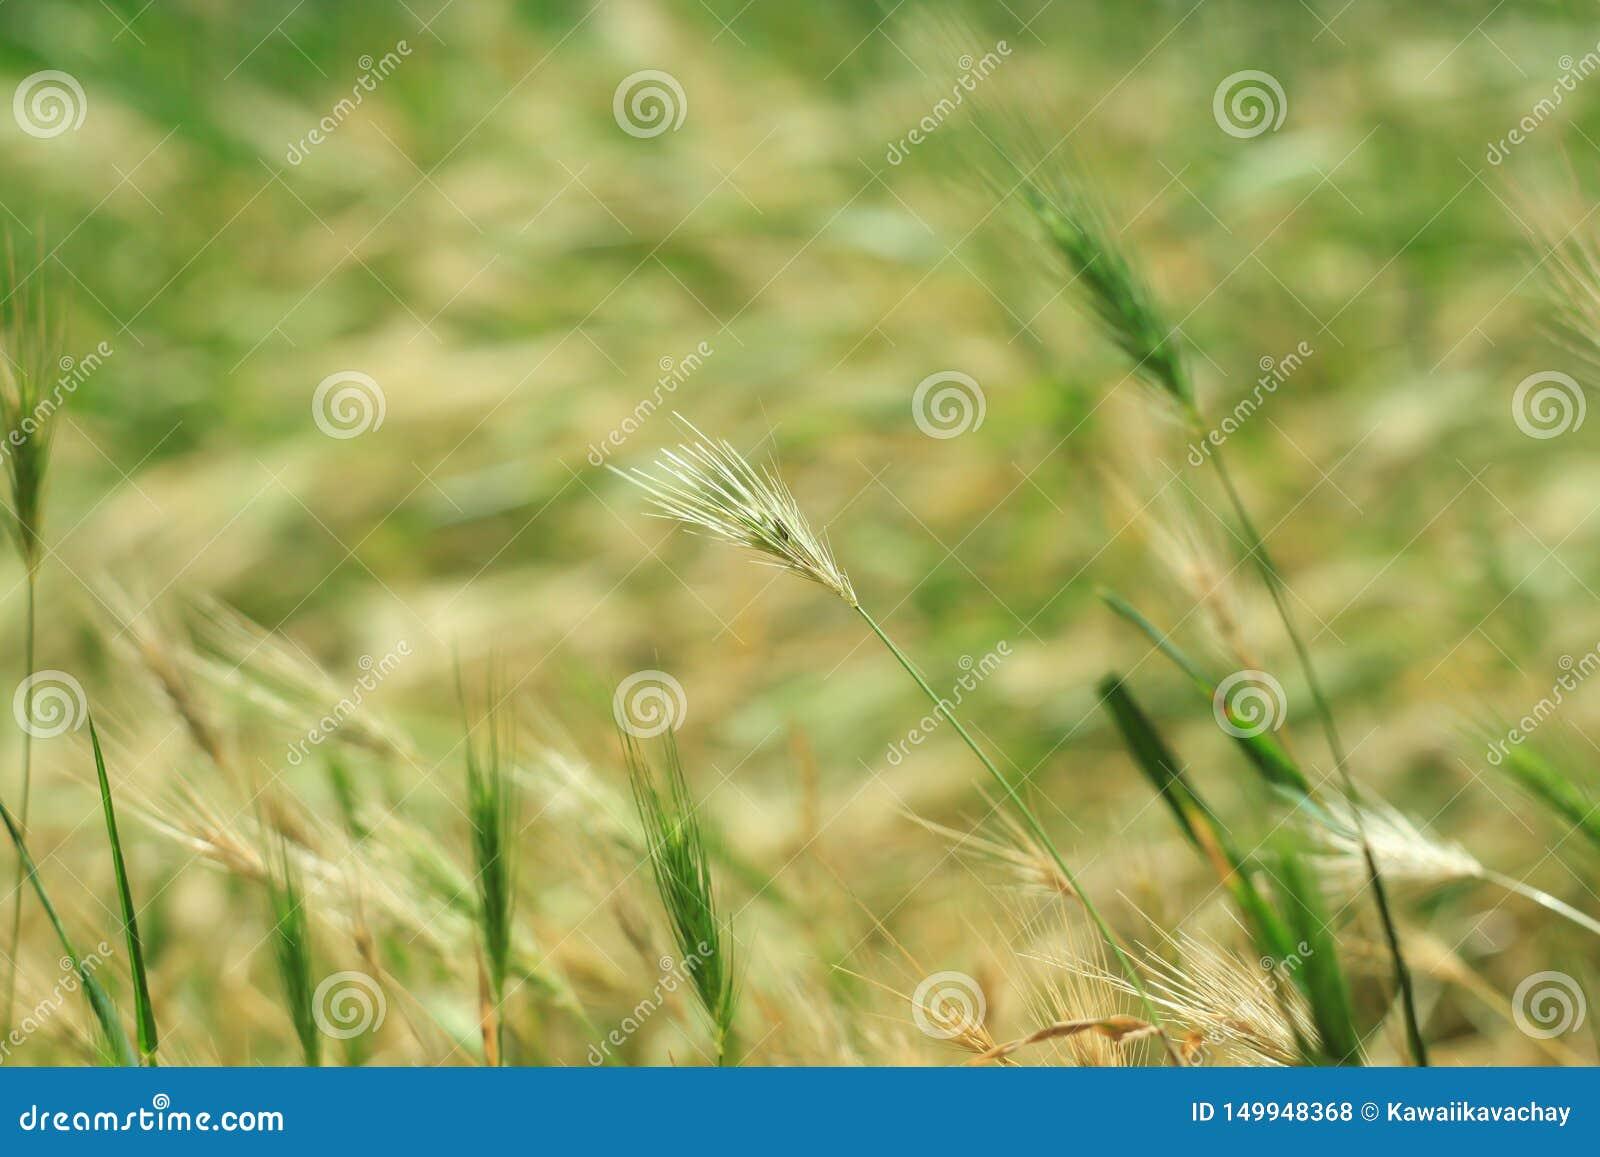 Hierba salvaje con las espiguillas que balancean suavemente en el viento, cebadas de pared Hierba verde con los o?dos de oro y mu